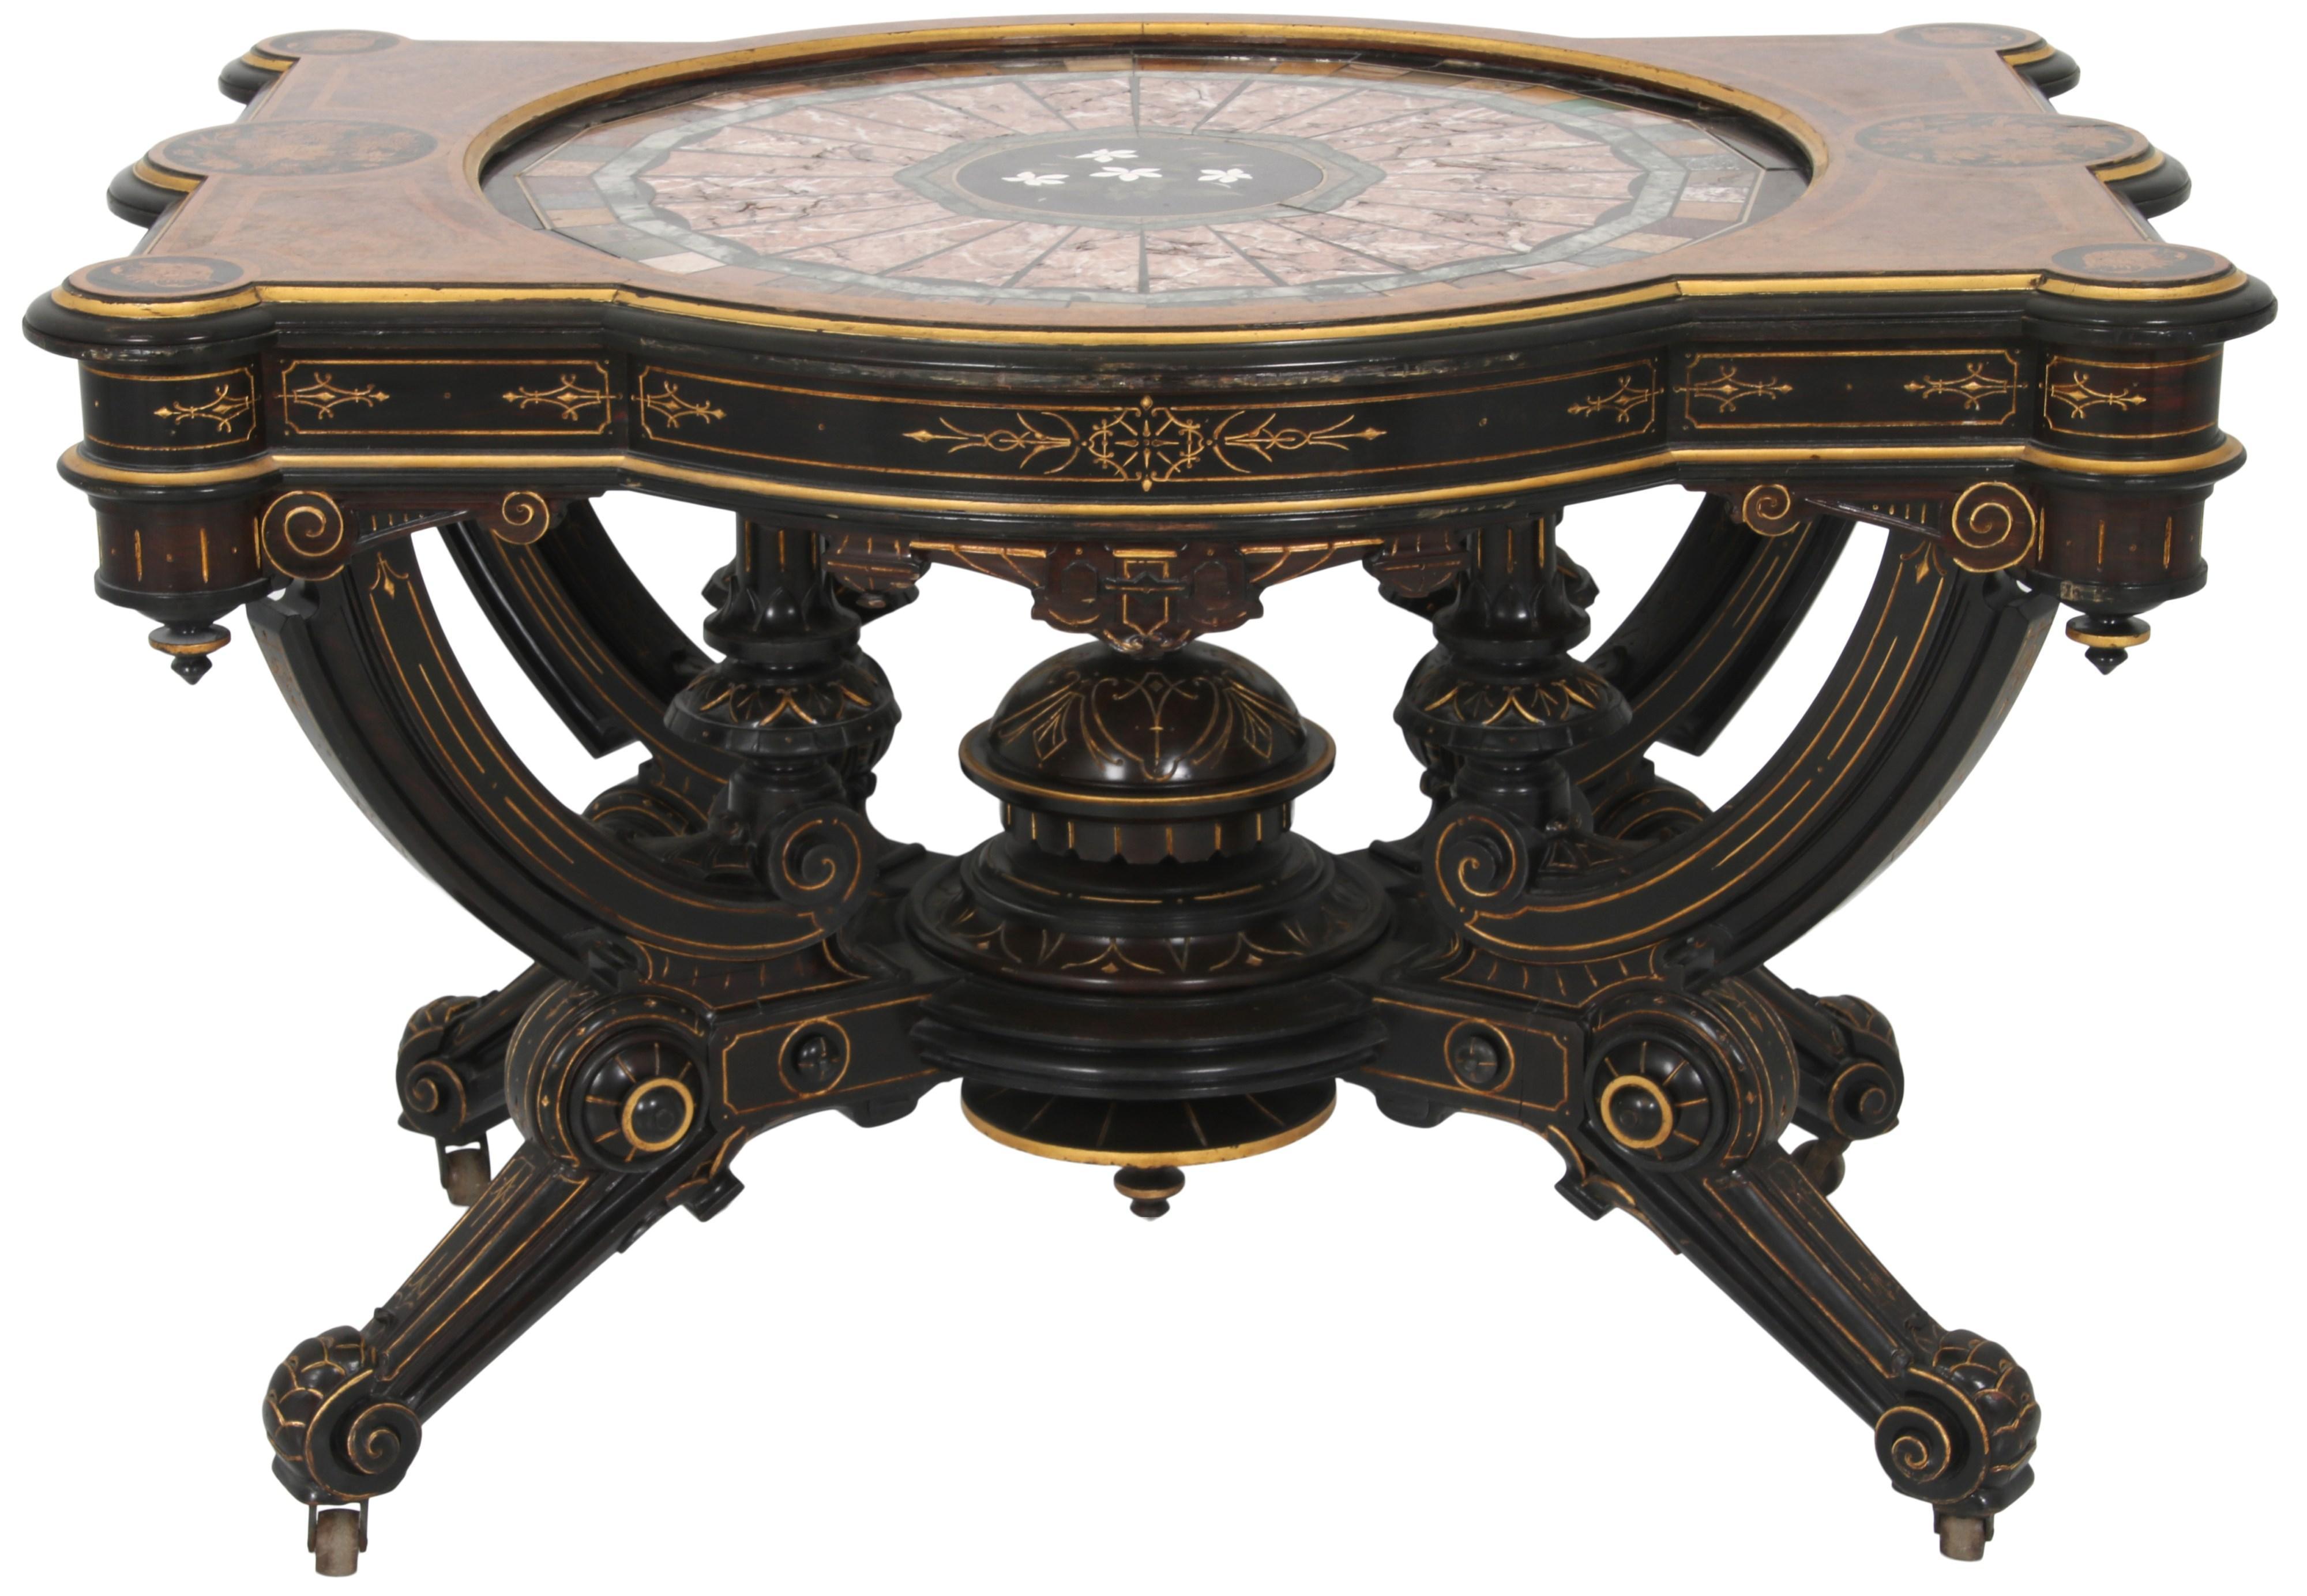 Attr. Pottier & Stymus Center Table